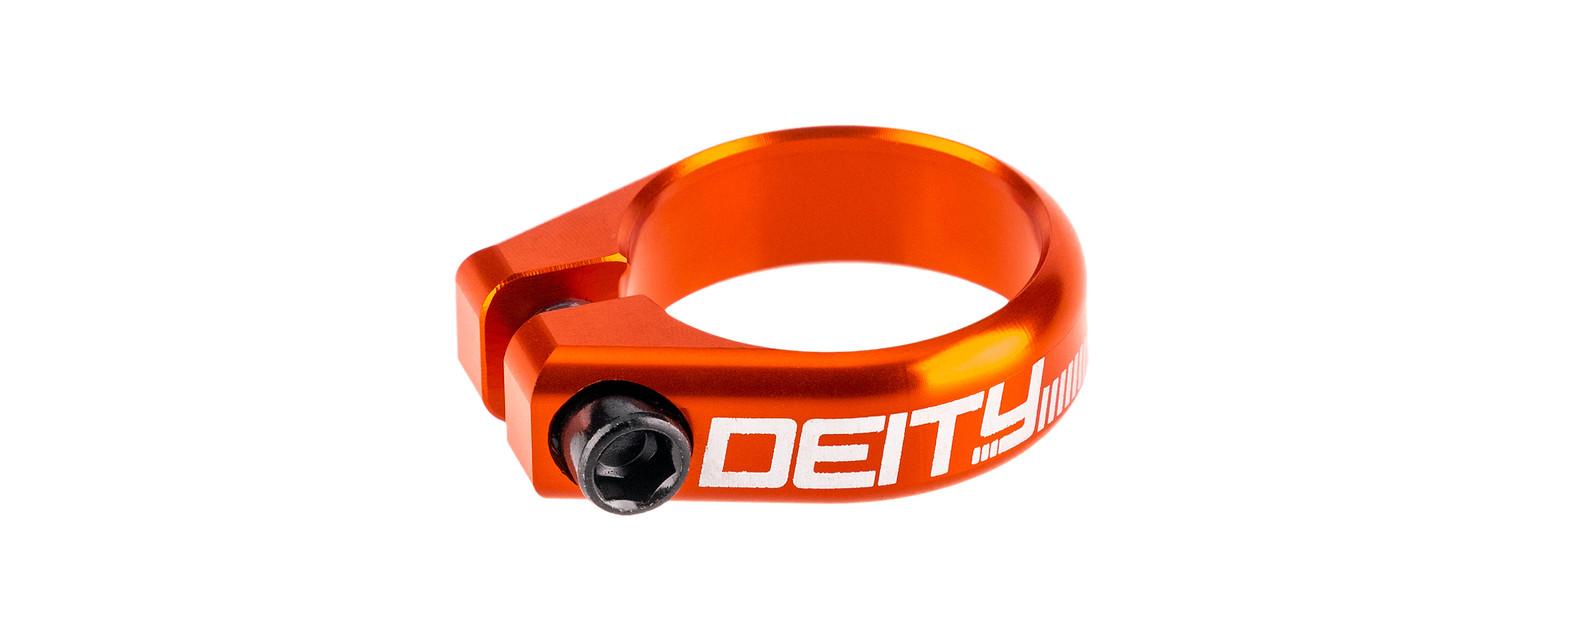 Deity Circuit - Orange